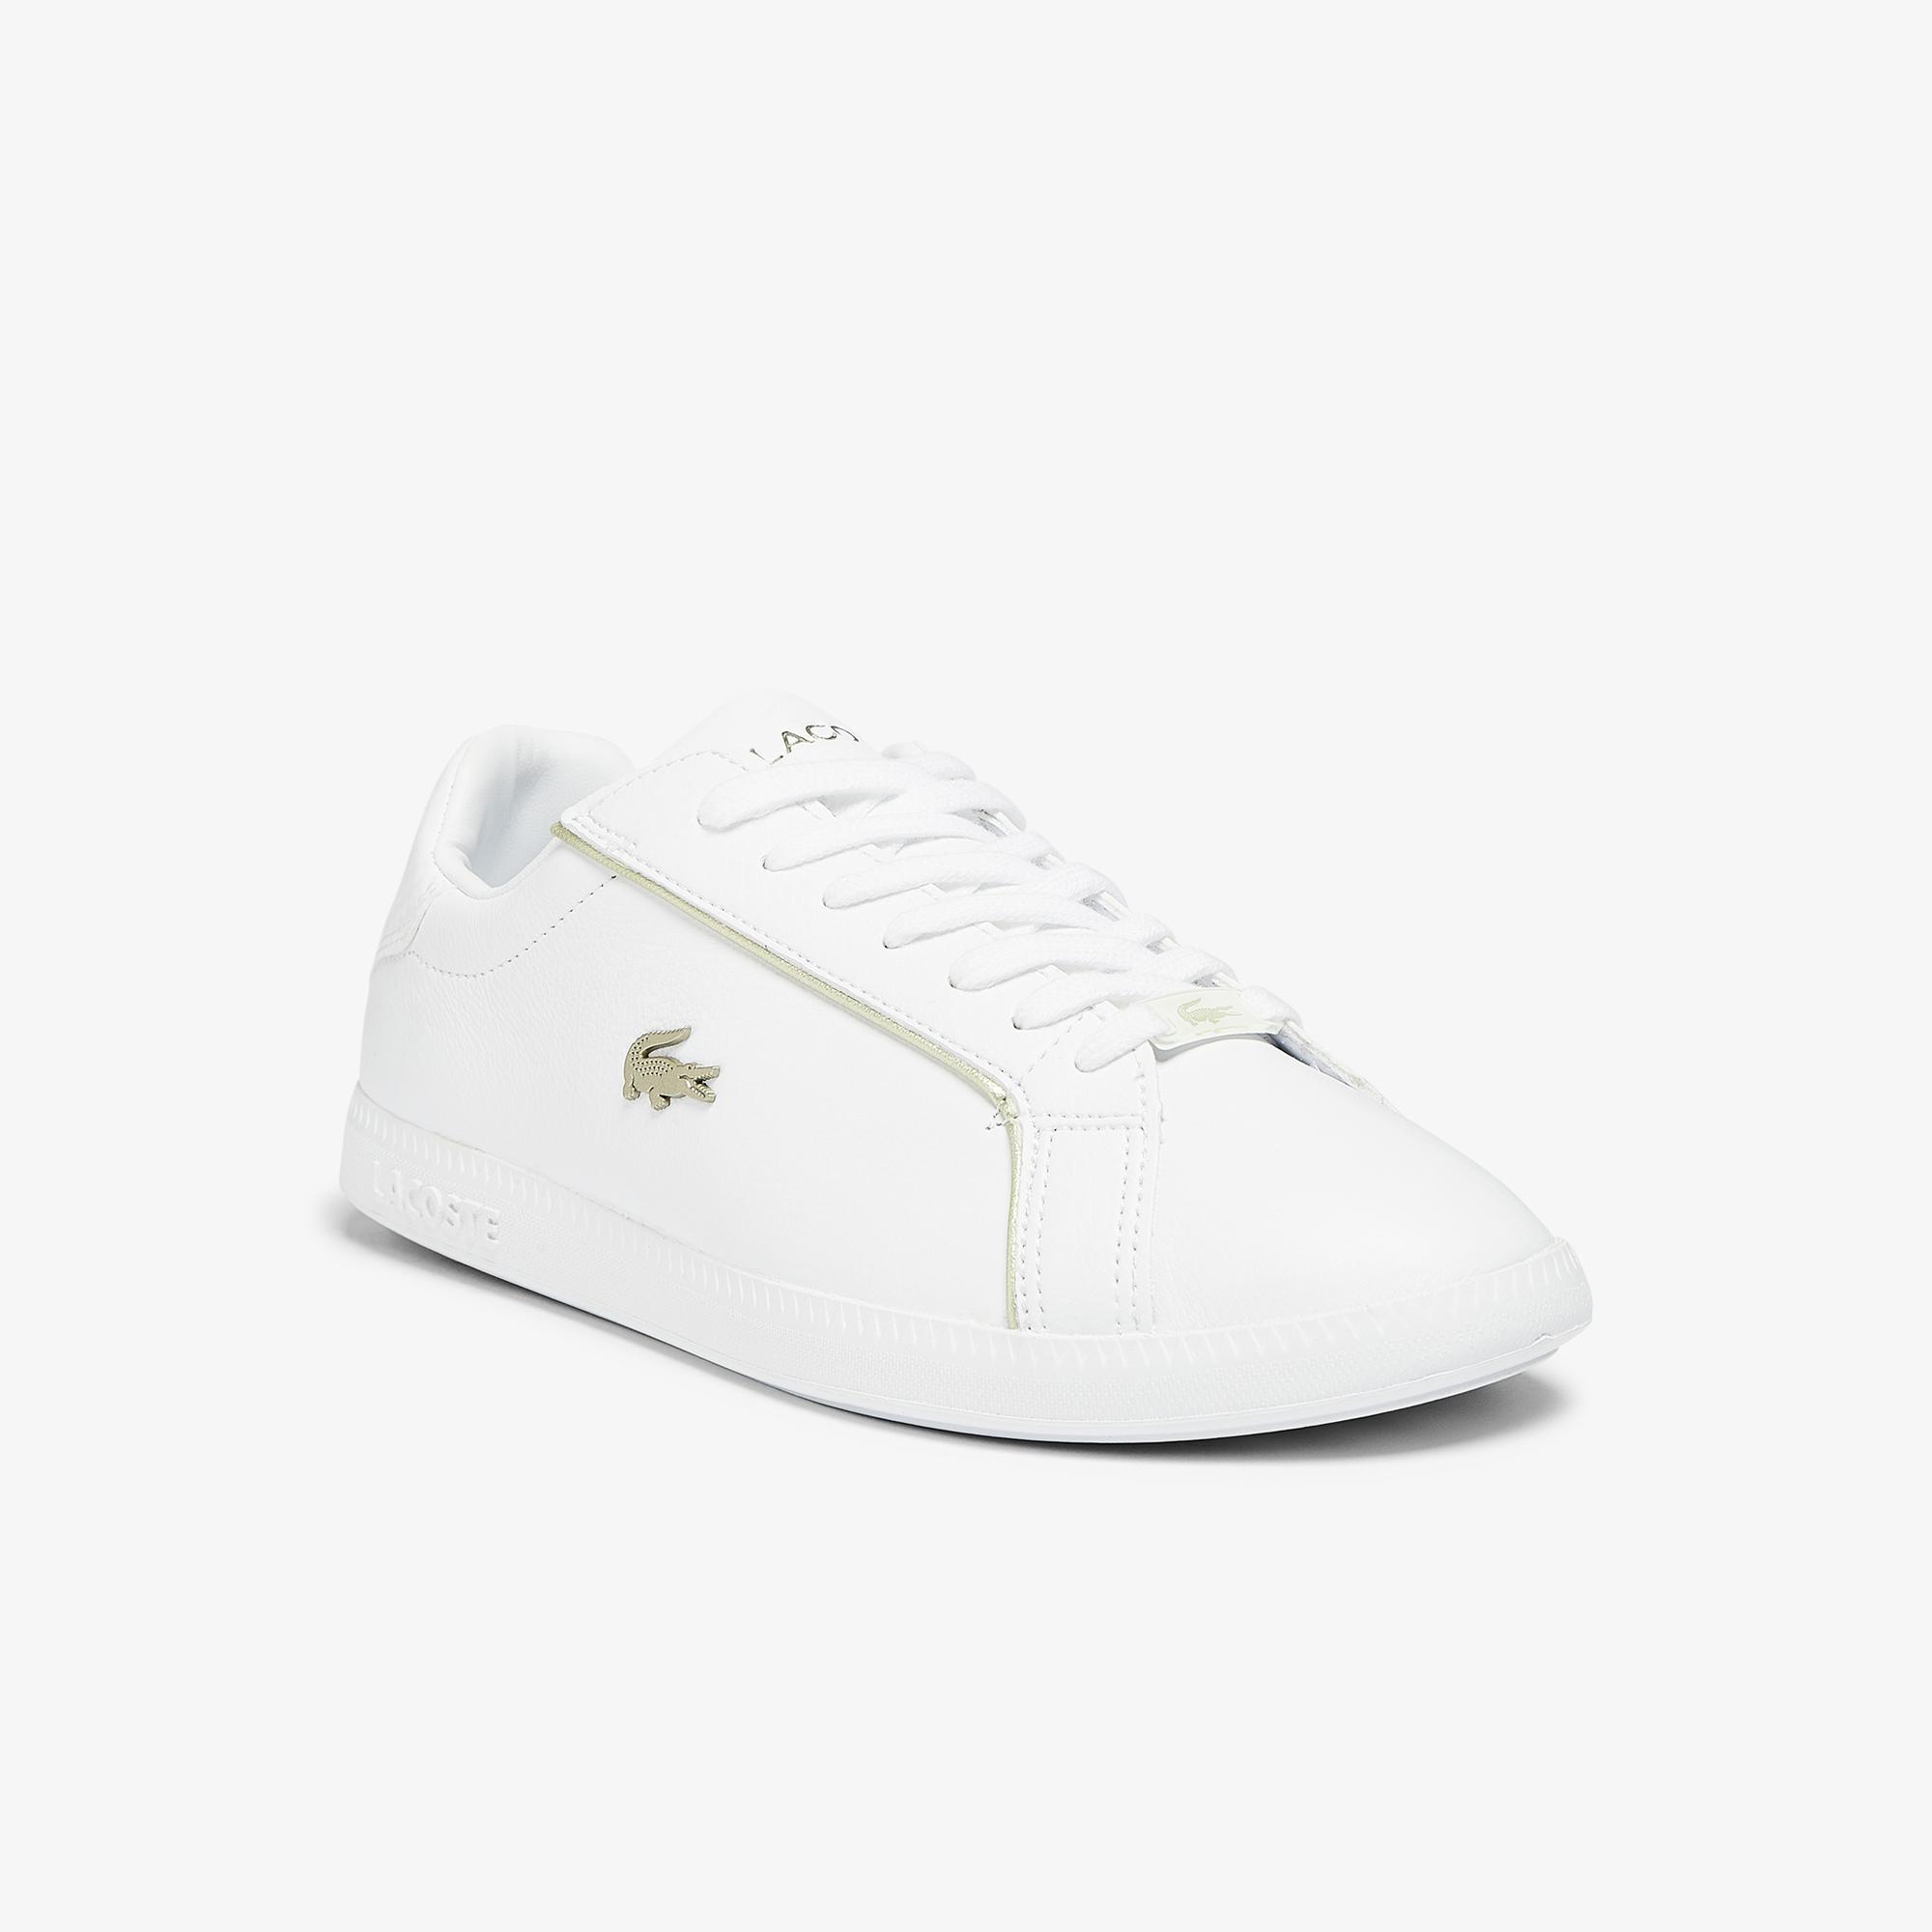 Lacoste Damskie buty Graduate 0721 1 Sfa